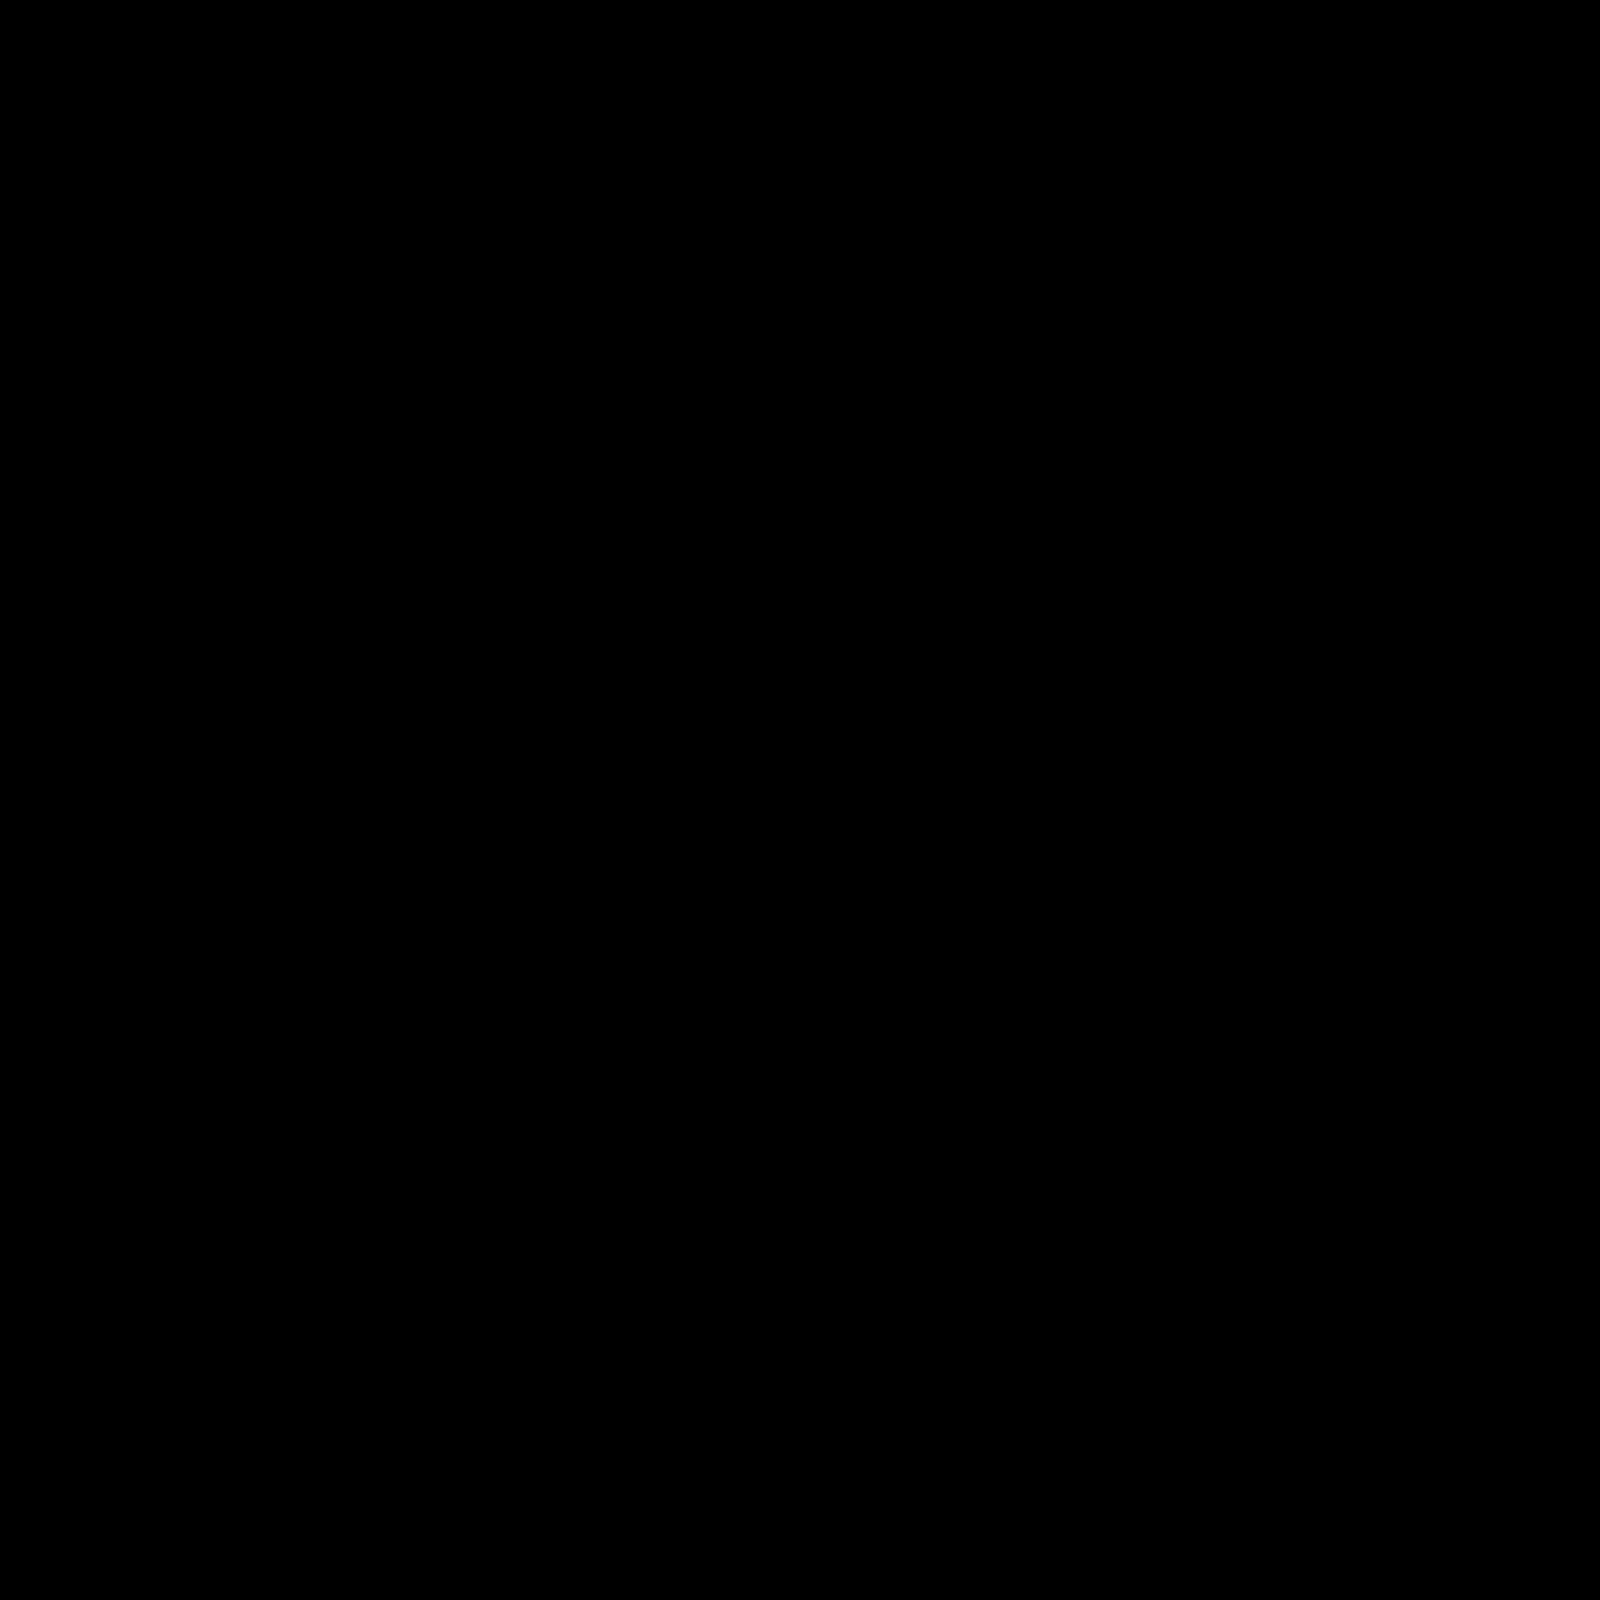 """下方向にスワイプ icon. The """"swipe down"""" symbol here consists of a circle, with a straight line extending down from its lower half in the middle, with two diagonal, upward-reaching lines extending upwards from the end of the line. It is a circle with a downward-pointing arrow extending from it."""